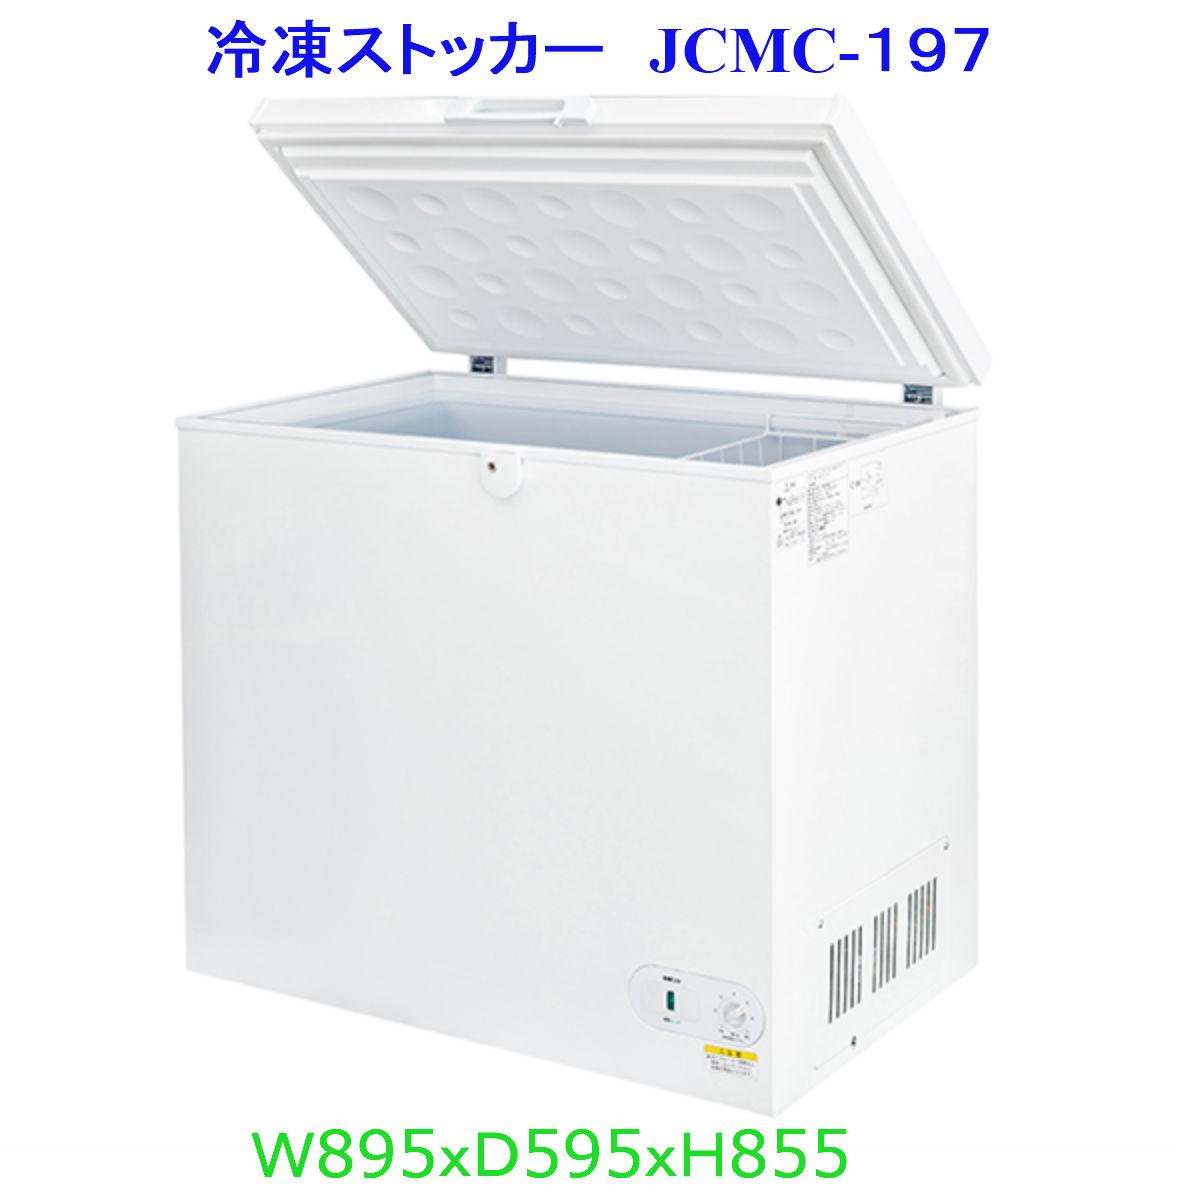 【送料無料】【新品・未使用】業務用 197L -20℃ 冷凍ストッカー 冷凍庫 上開き